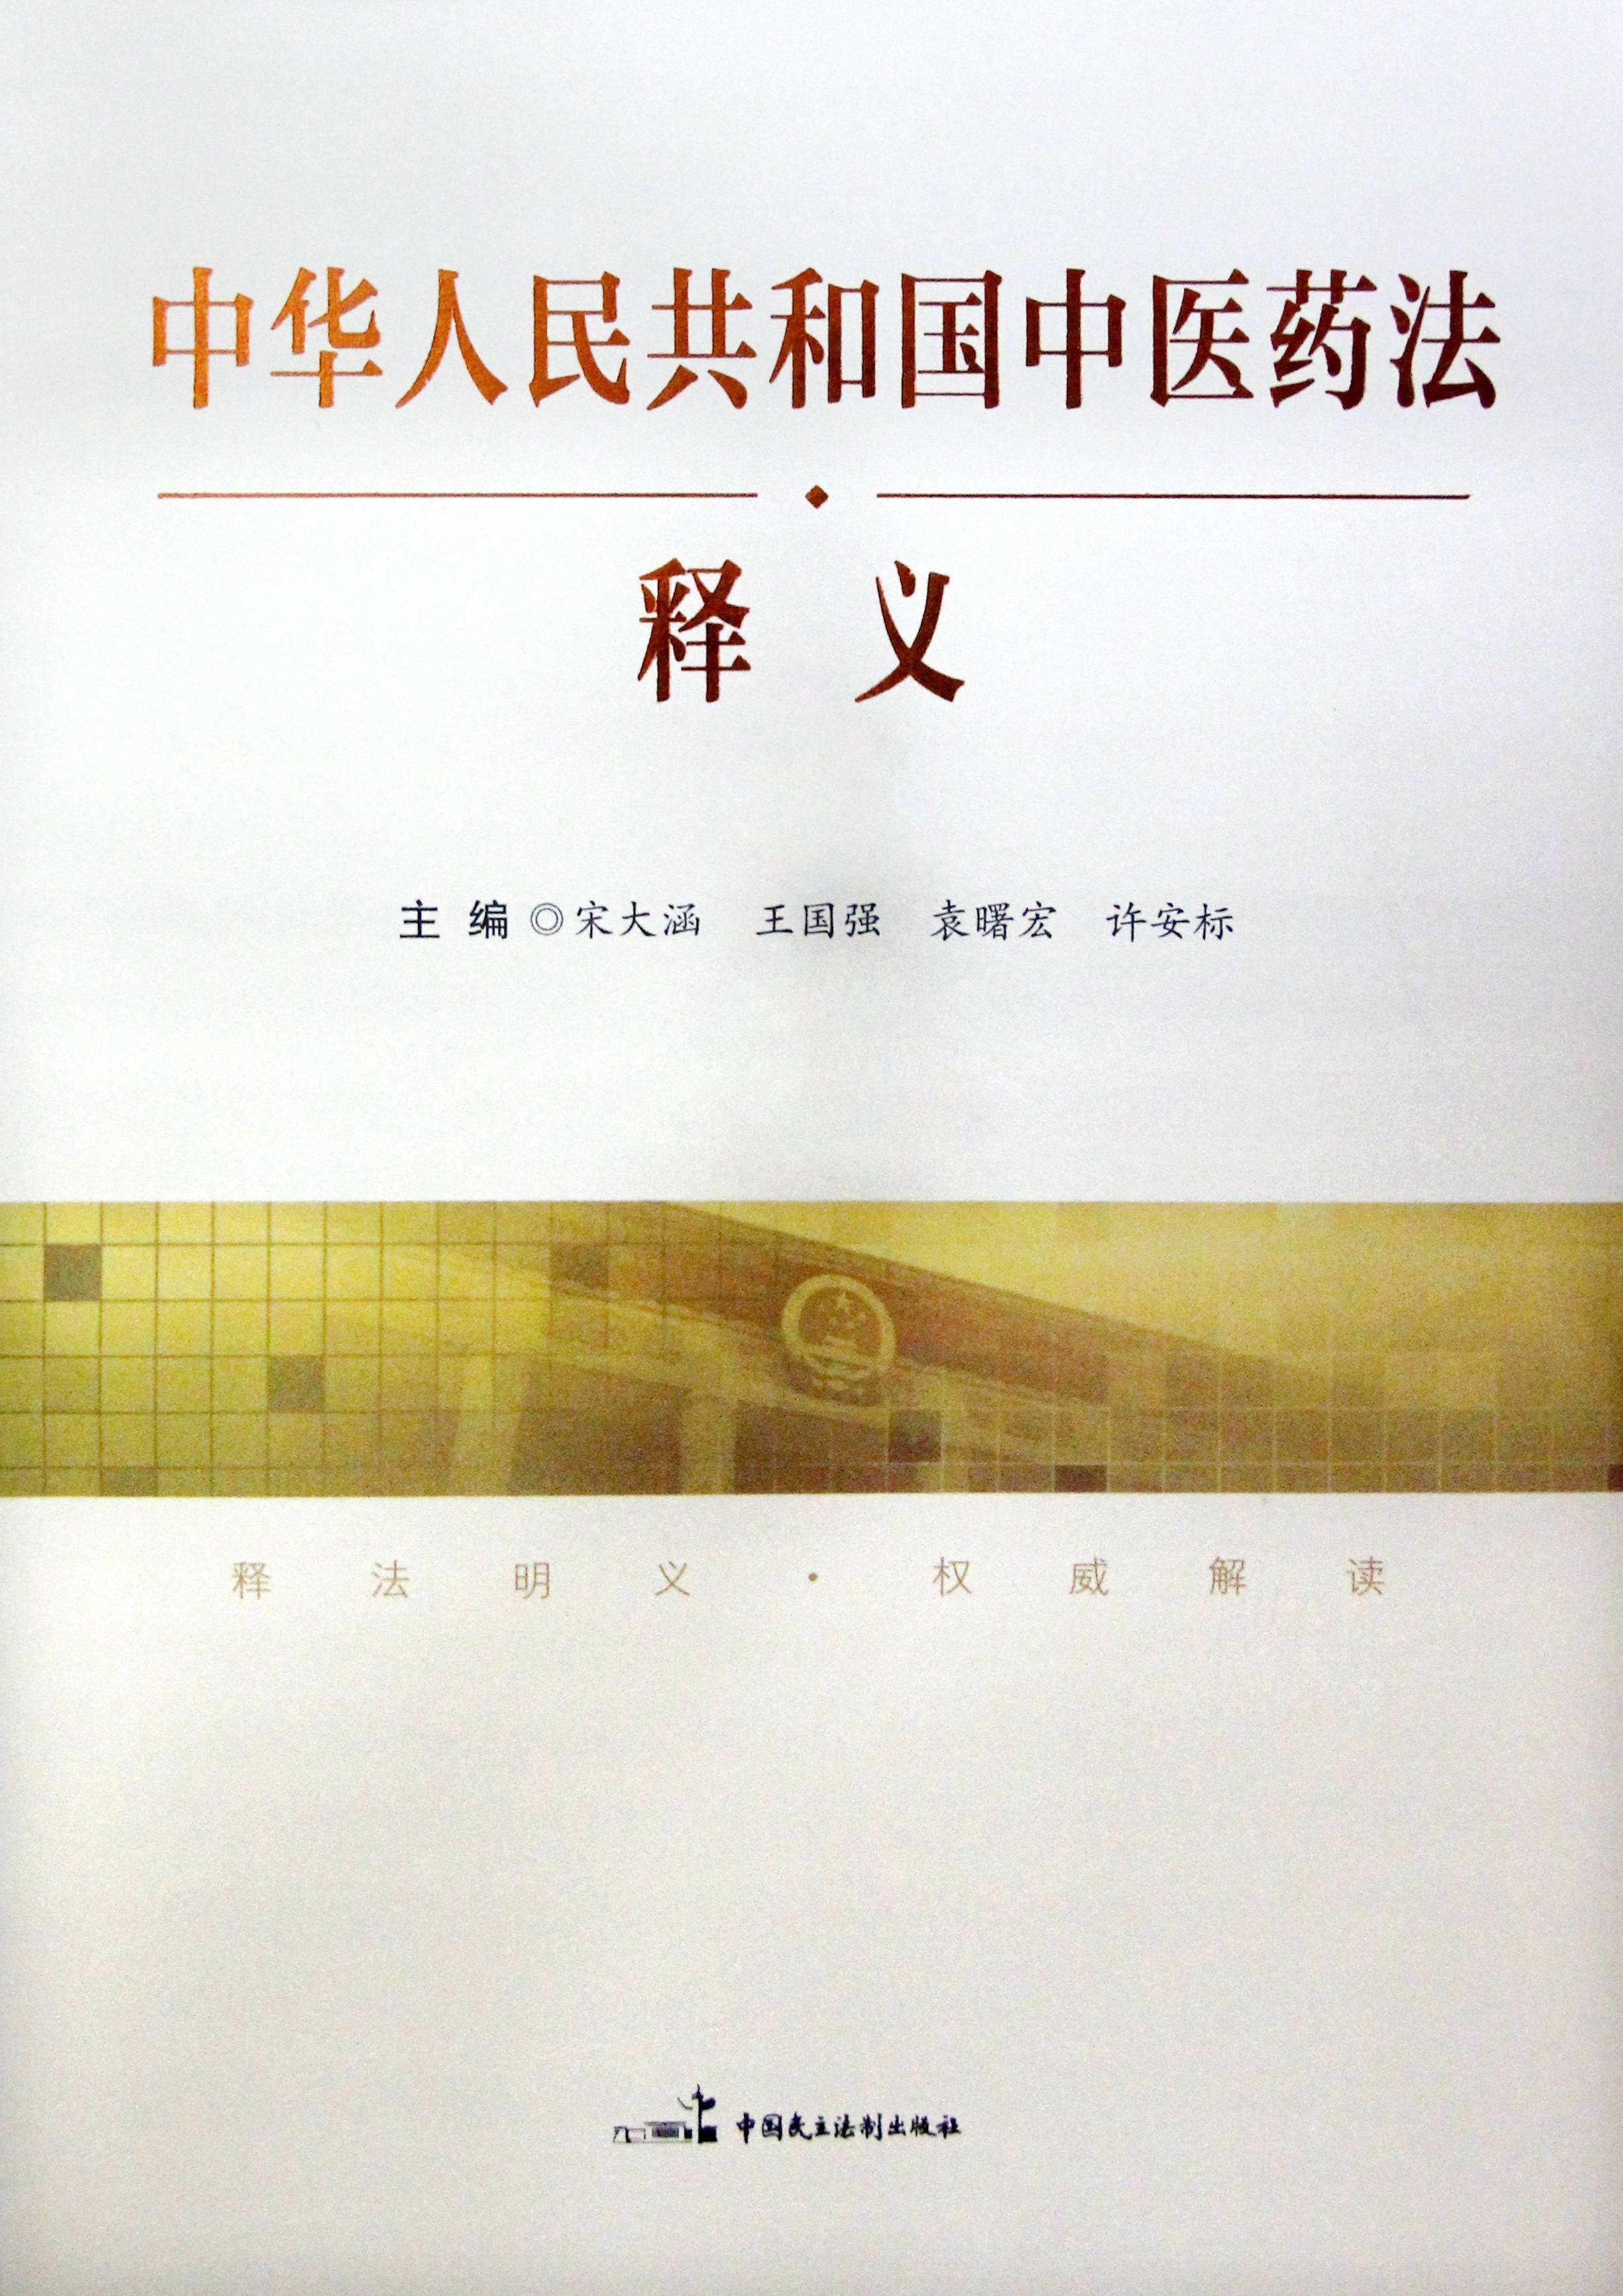 中医药法释义(2)